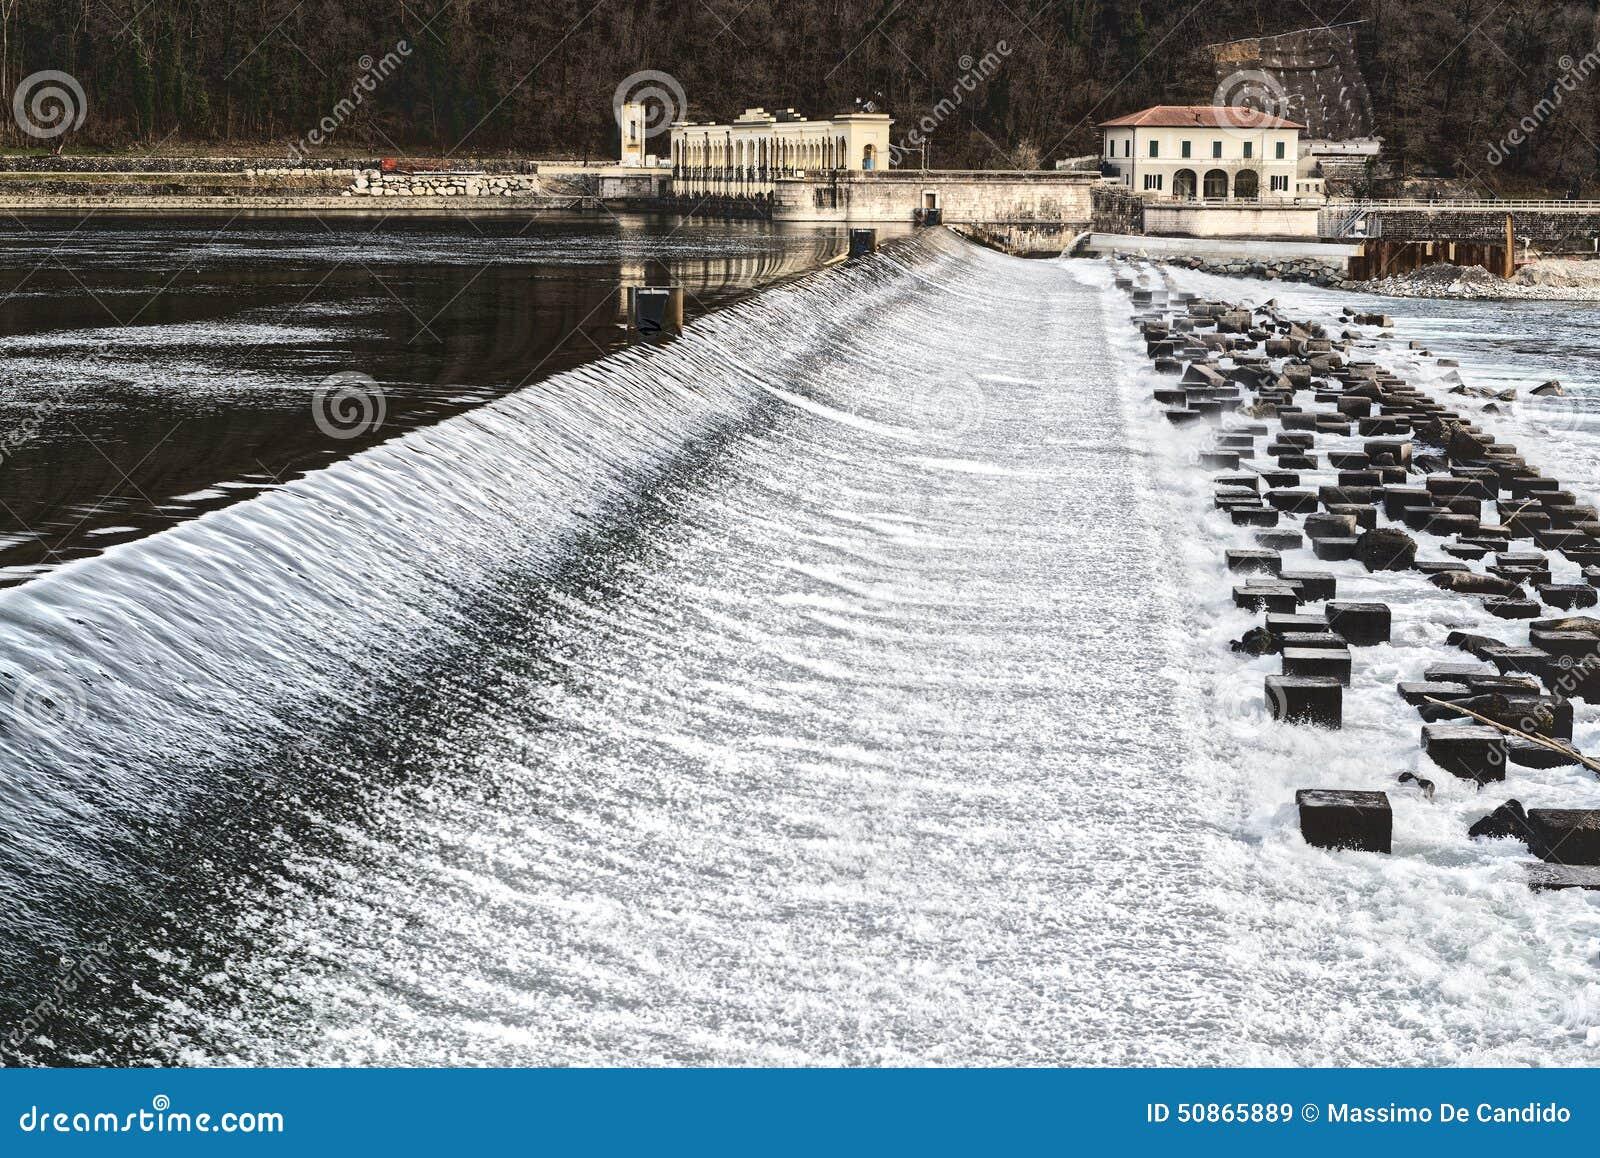 Diga sul fiume il ticino italia immagine stock immagine di pietra cascata 50865889 - Il giardino sul fiume ...